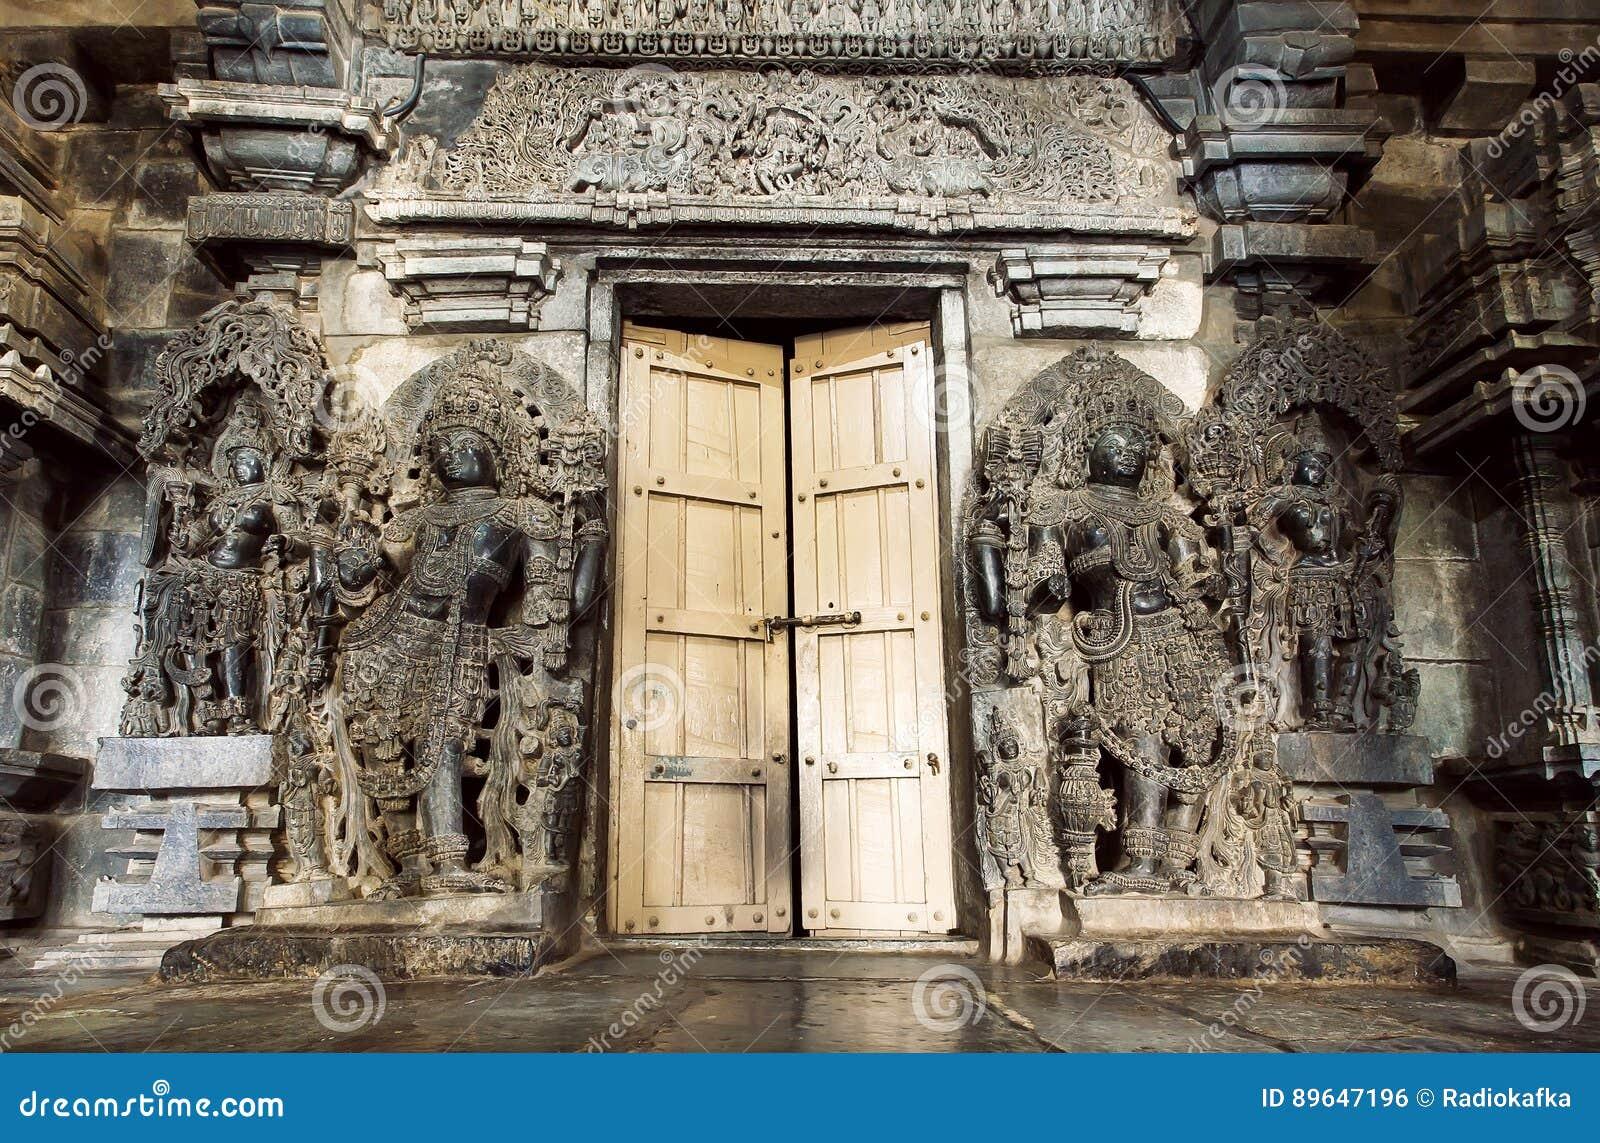 Hinduscy bóg przy wejściowym drzwi tradycyjny styl drylują Hoysaleswara świątynię, 12th wiek struktura, India